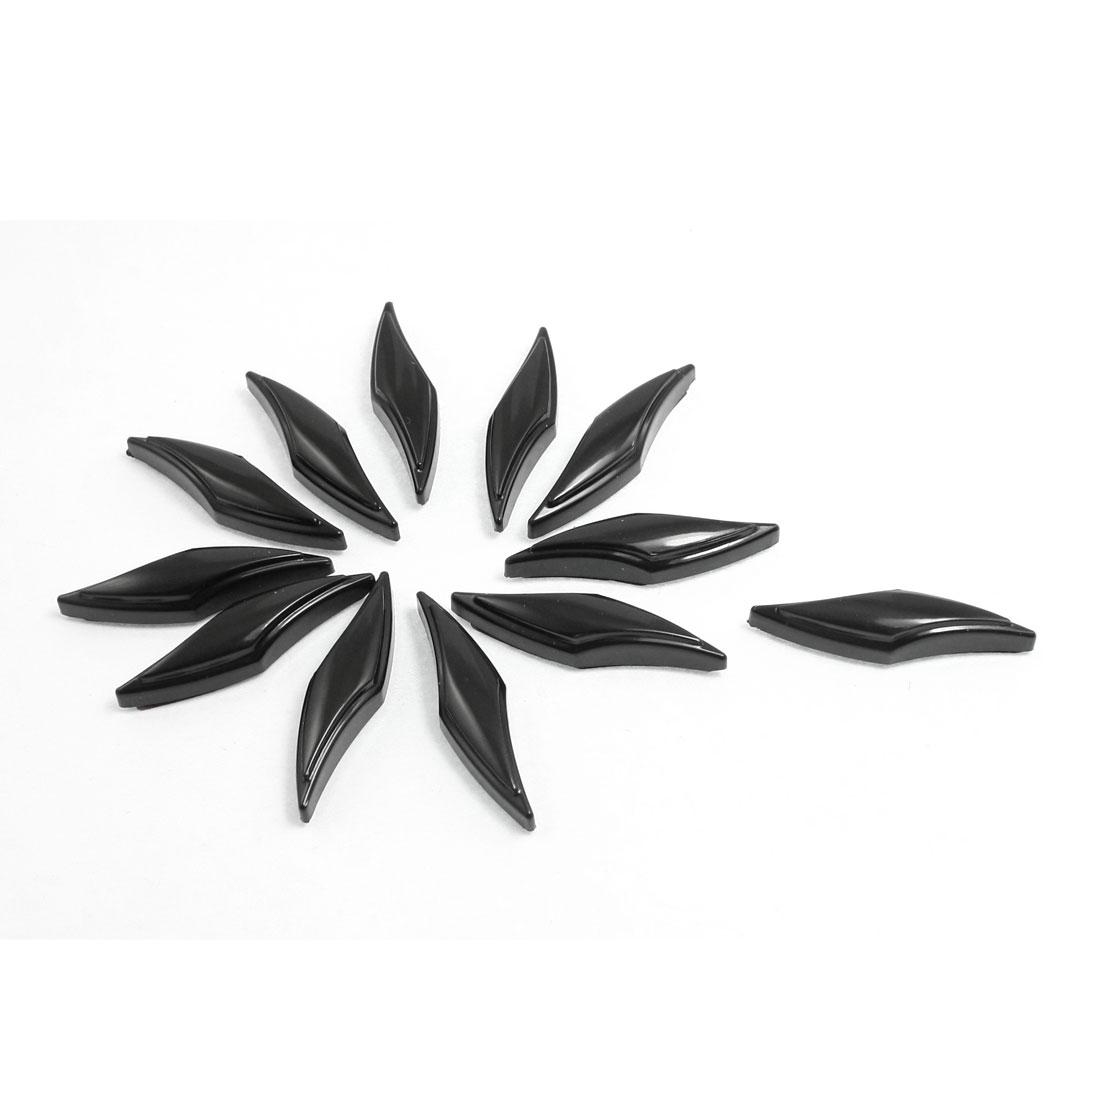 12 Pcs Black Plastic Decorative Car Door Bumper Guard Sticker